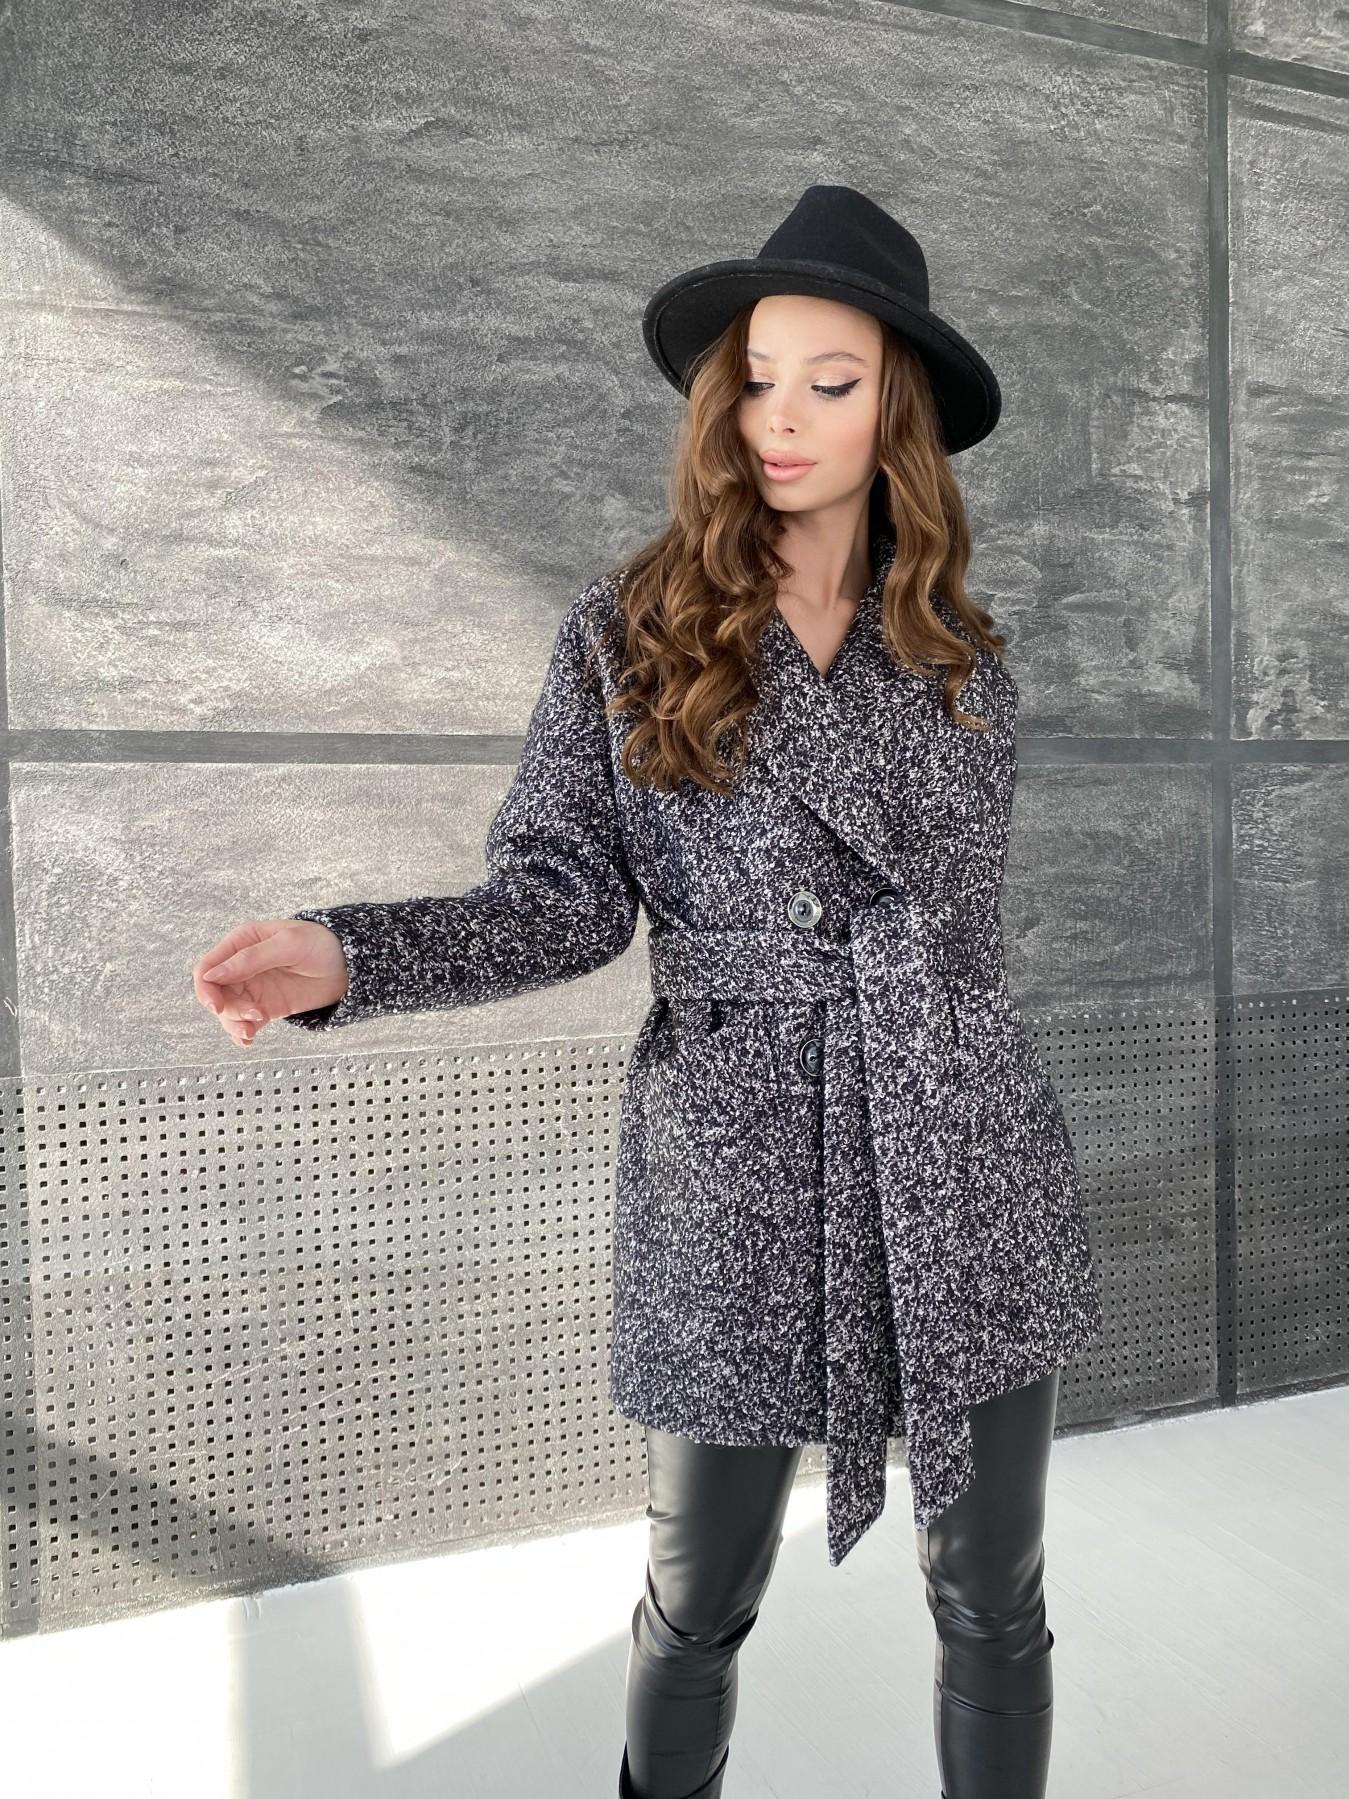 Бонд пальто из шерсти букле  10770 АРТ. 47197 Цвет: Черно серый 61 - фото 7, интернет магазин tm-modus.ru